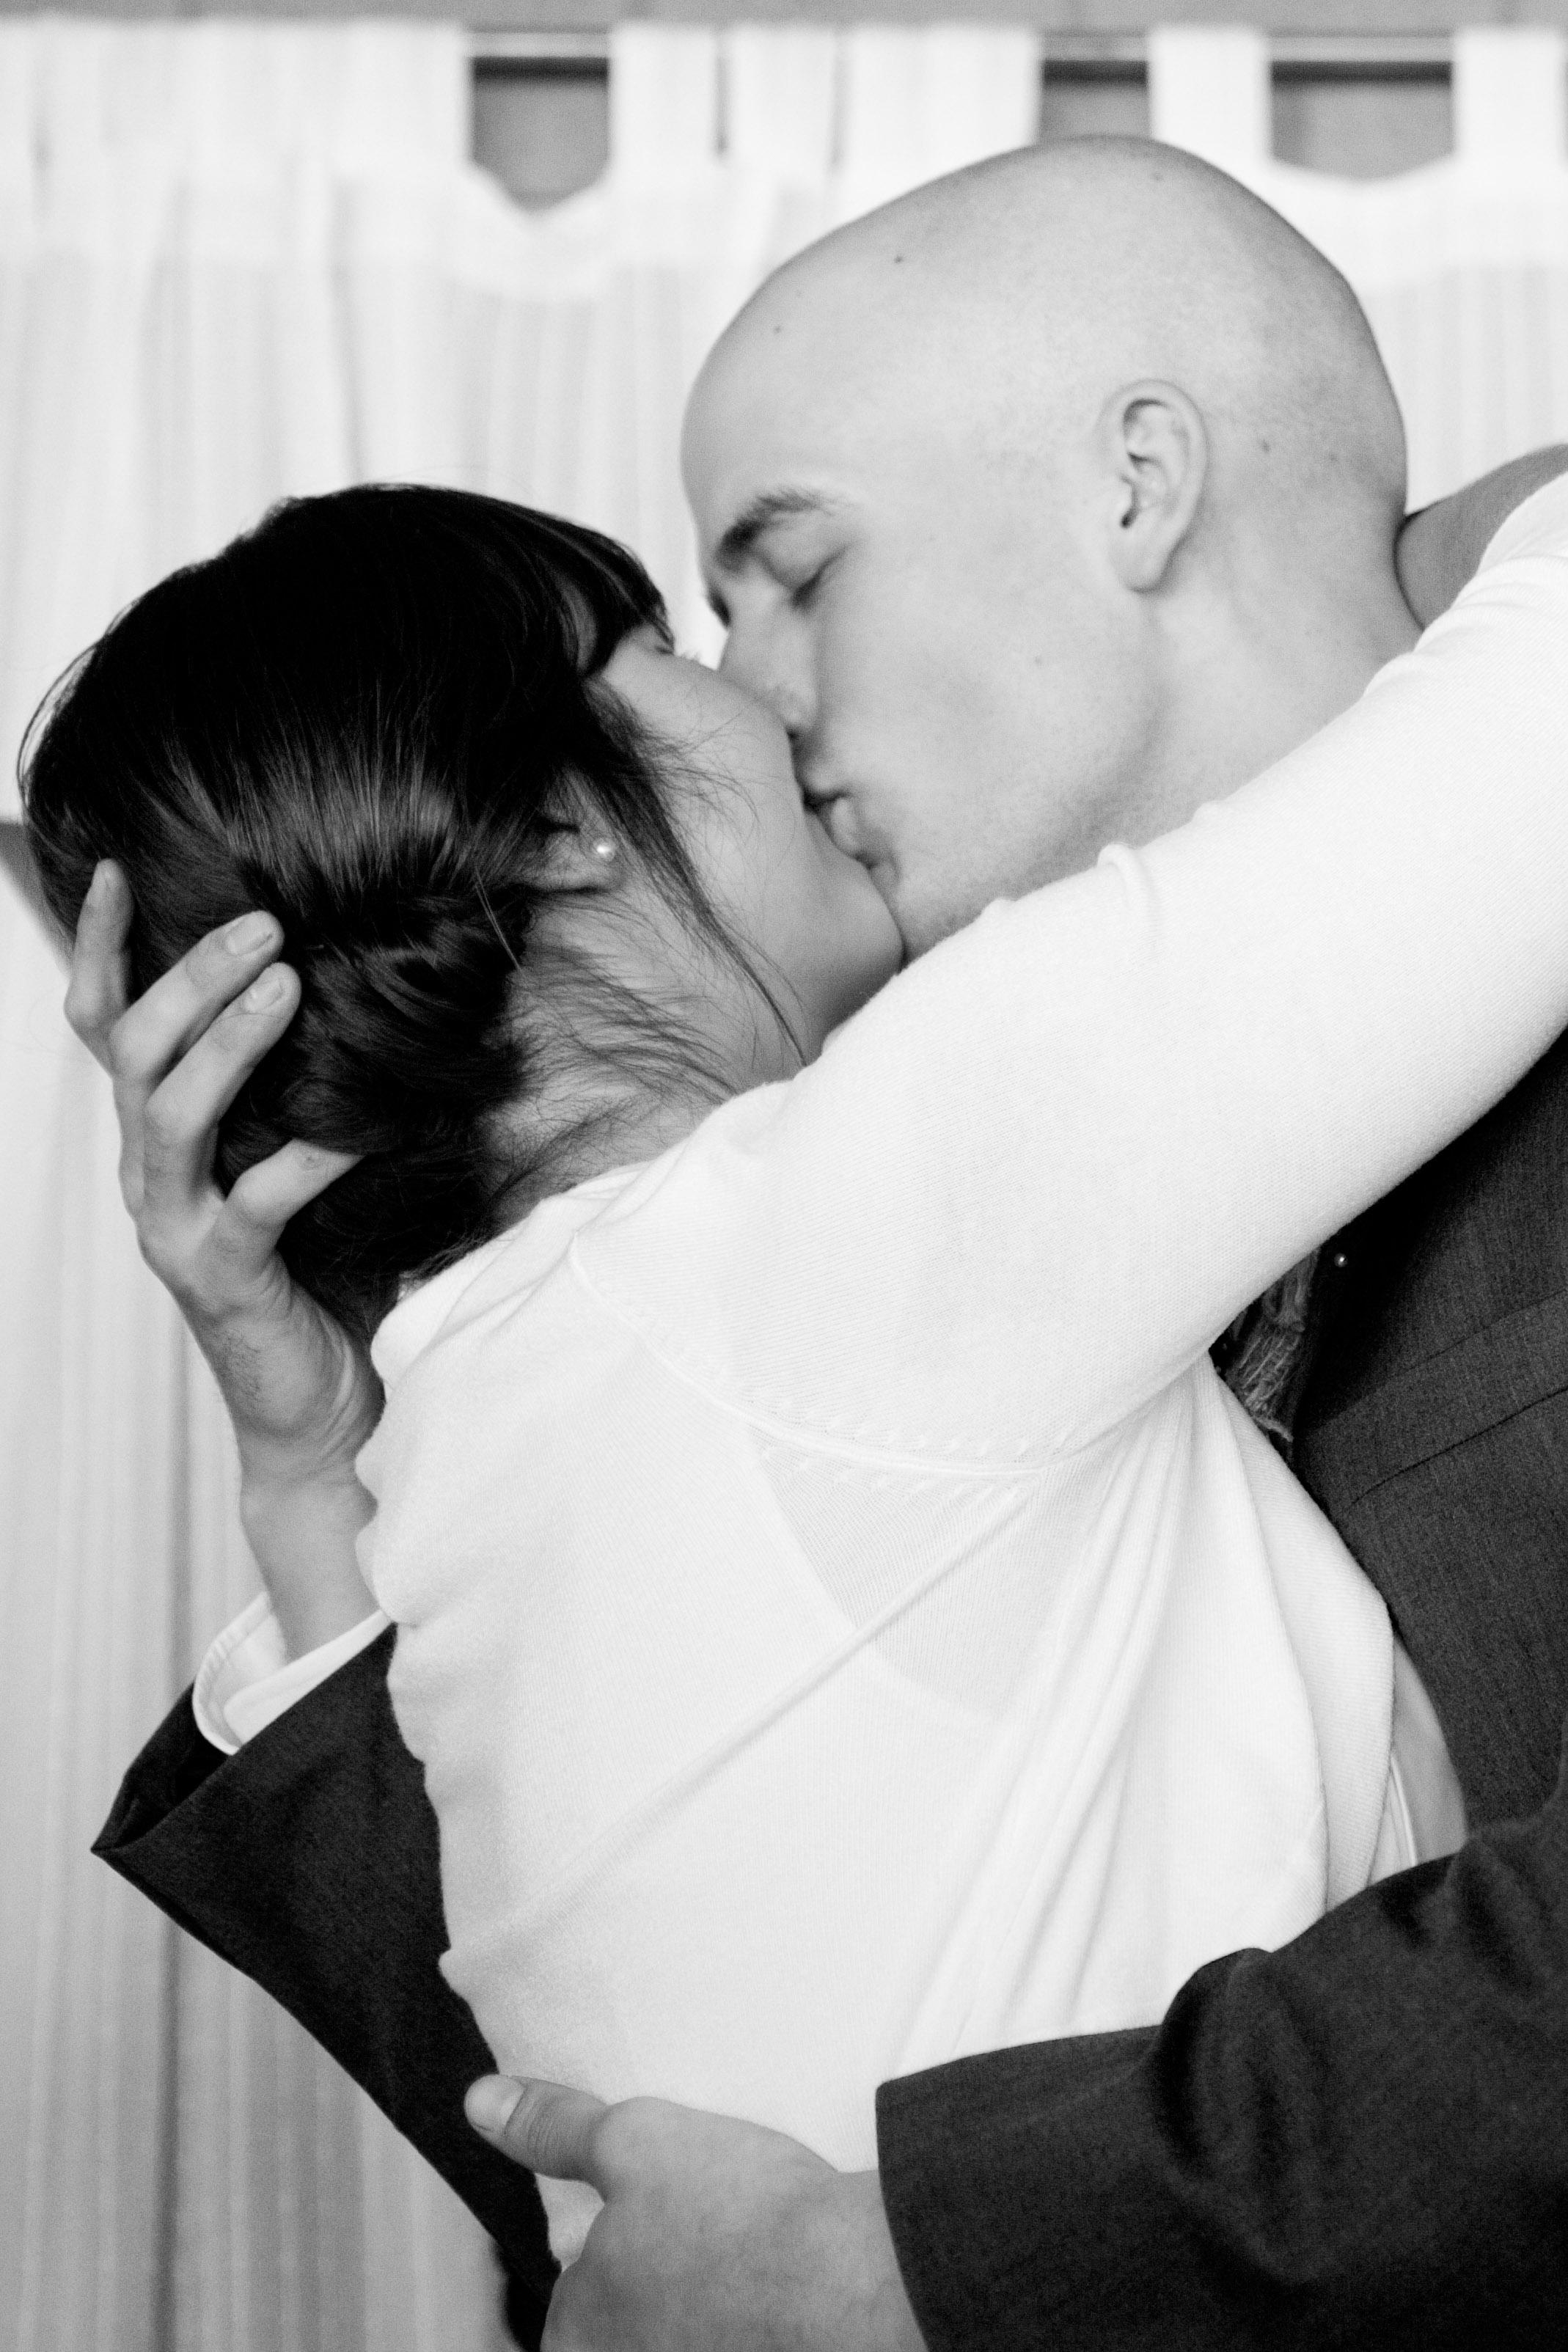 Wilson Bickel Wedding - Selected Black & White (2 of 4).jpg